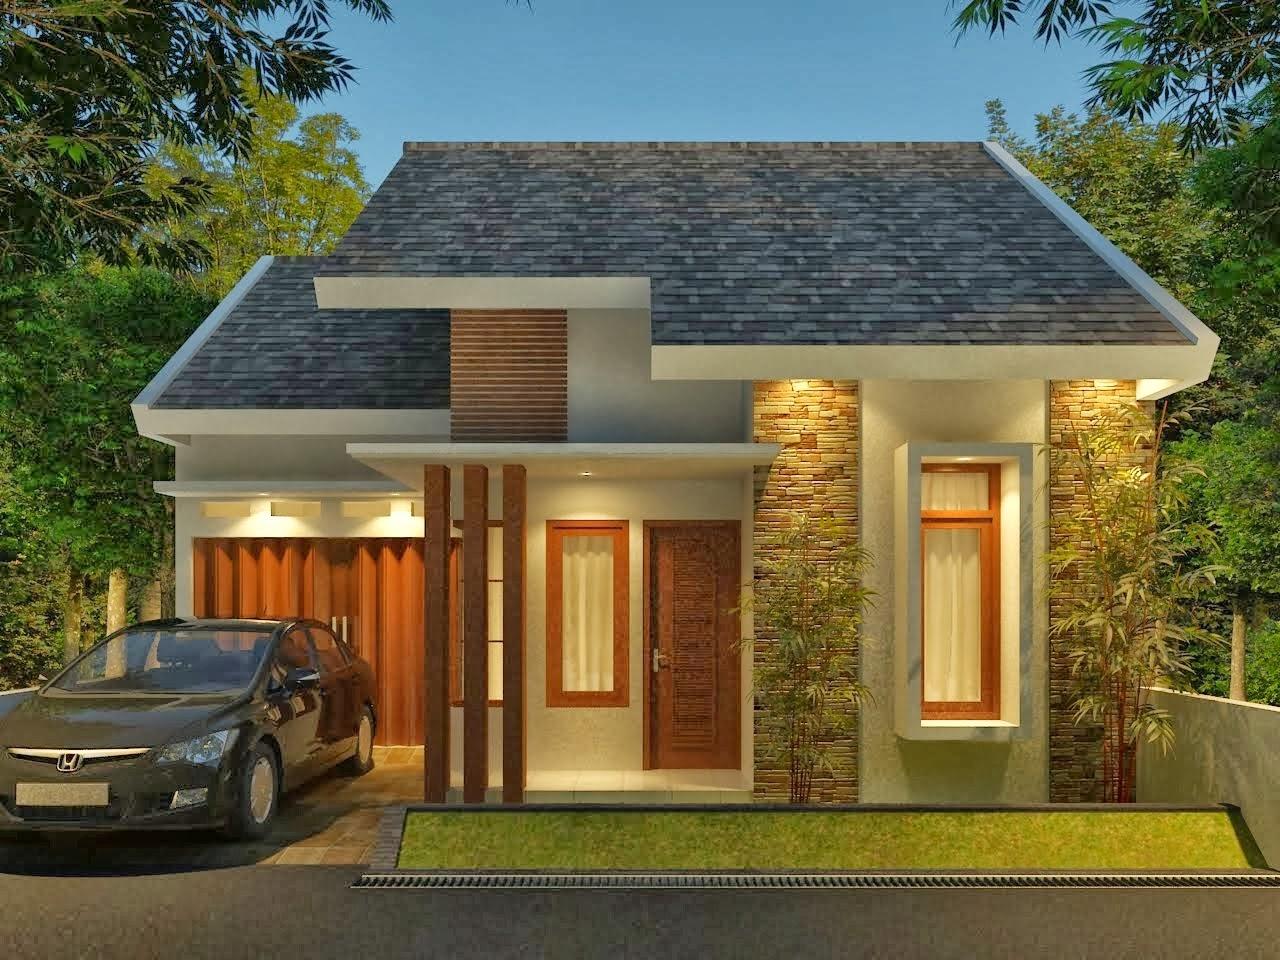 107 Desain Rumah Minimalis Modern Lengkap Gambar Desain Rumah